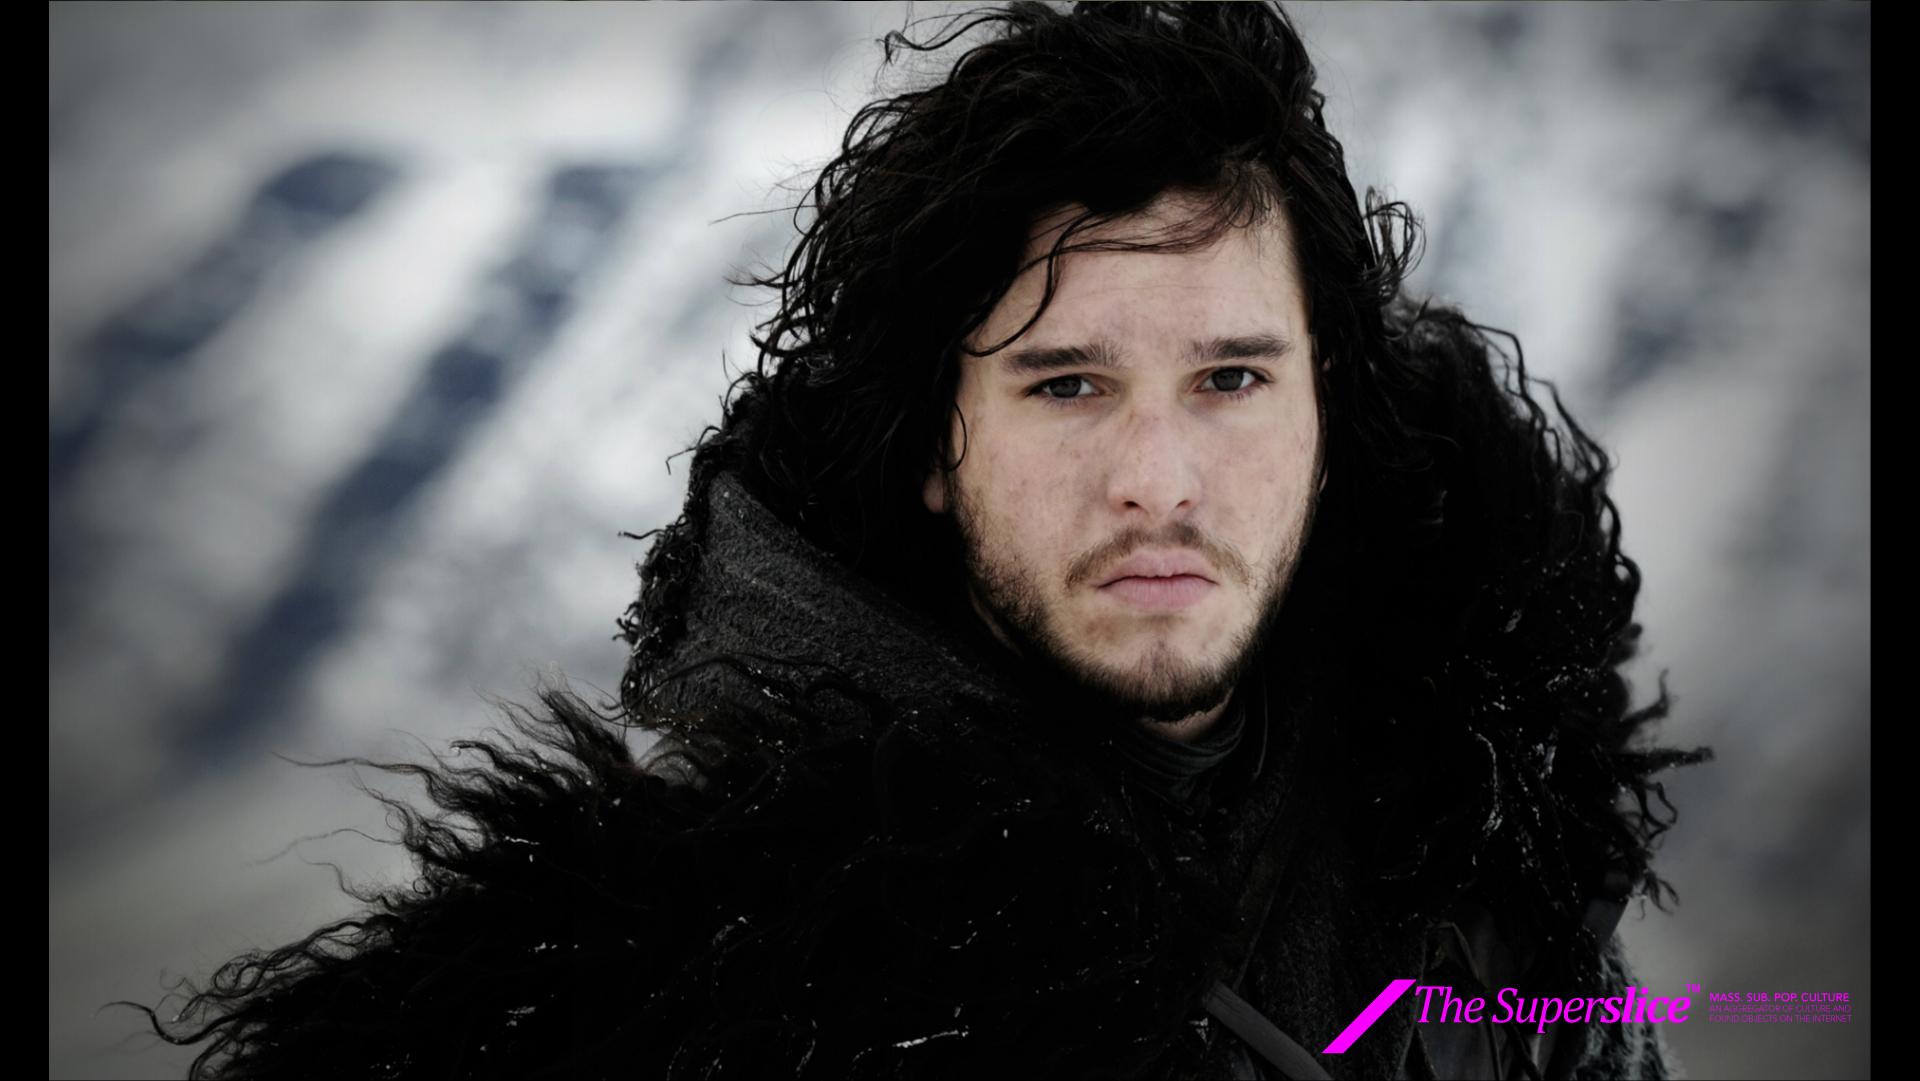 Hd wallpaper eye - Jon Snow Season 2 Viewing Gallery